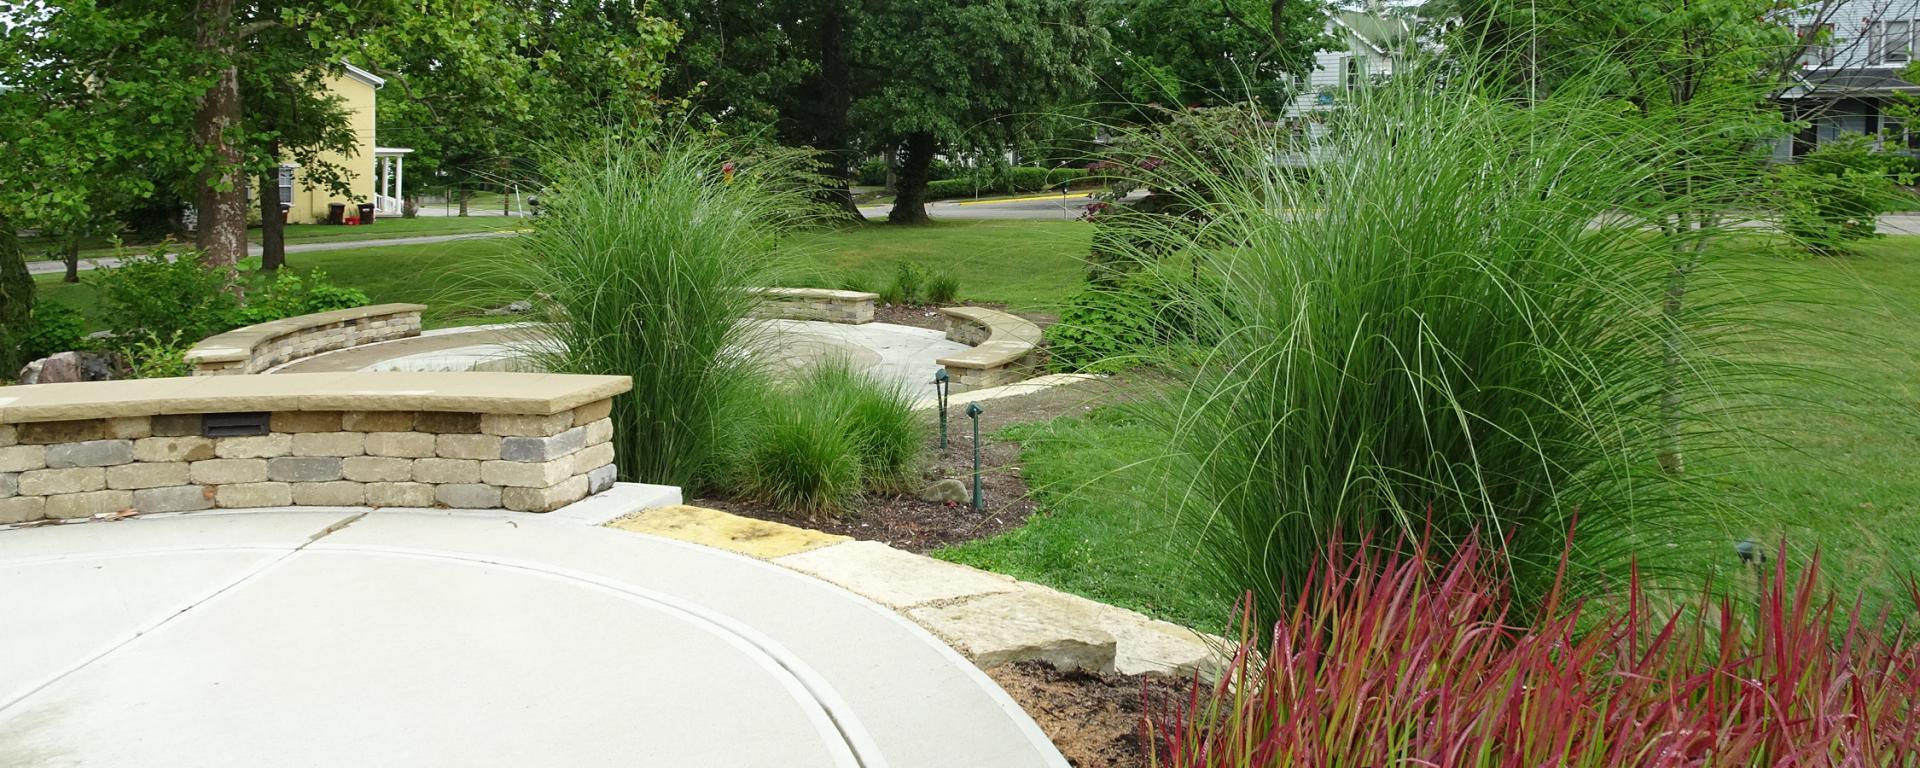 circular concrete areas in a park